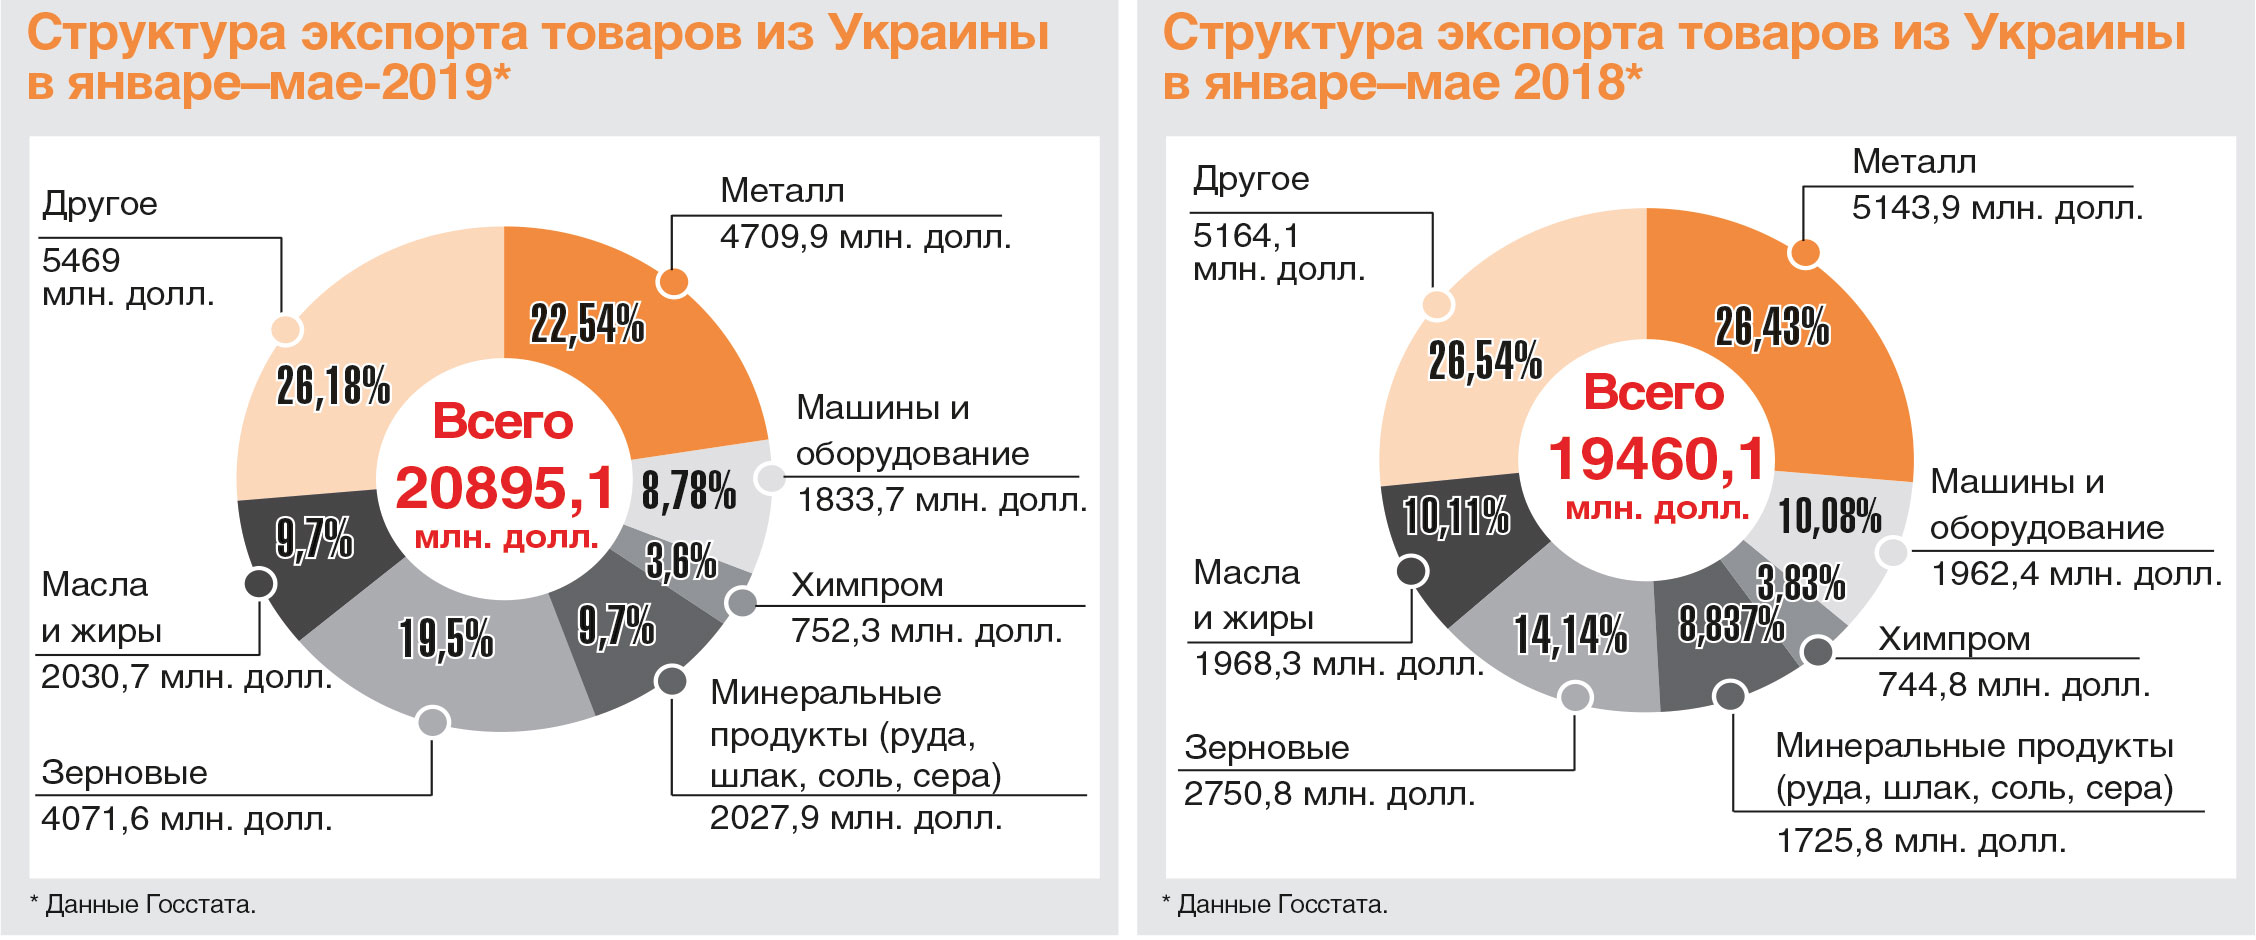 Экспорт товаров из Украины